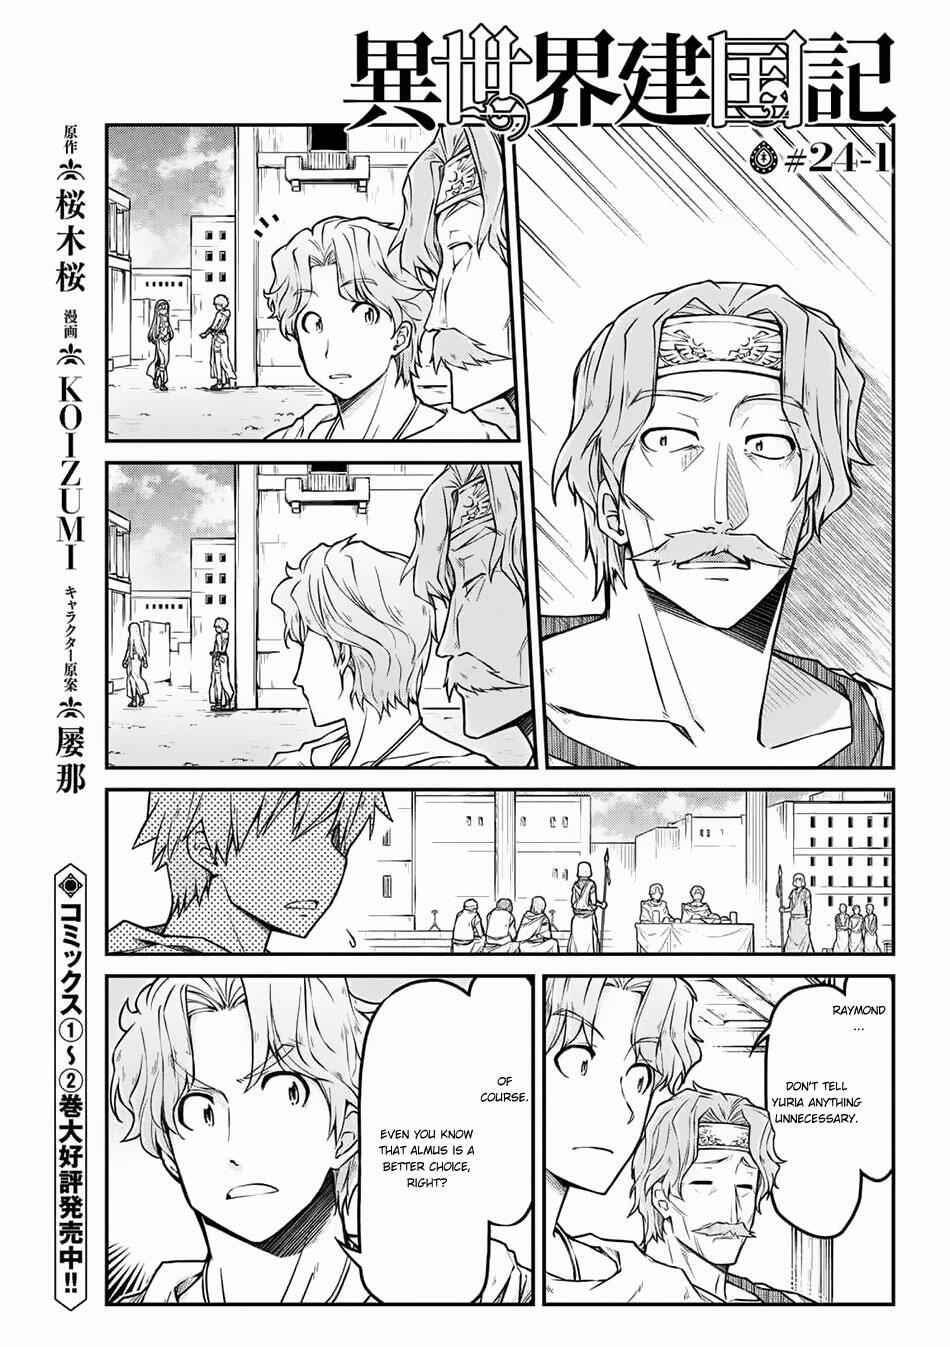 Isekai Kenkokuki - chapter 24.1-eng-li